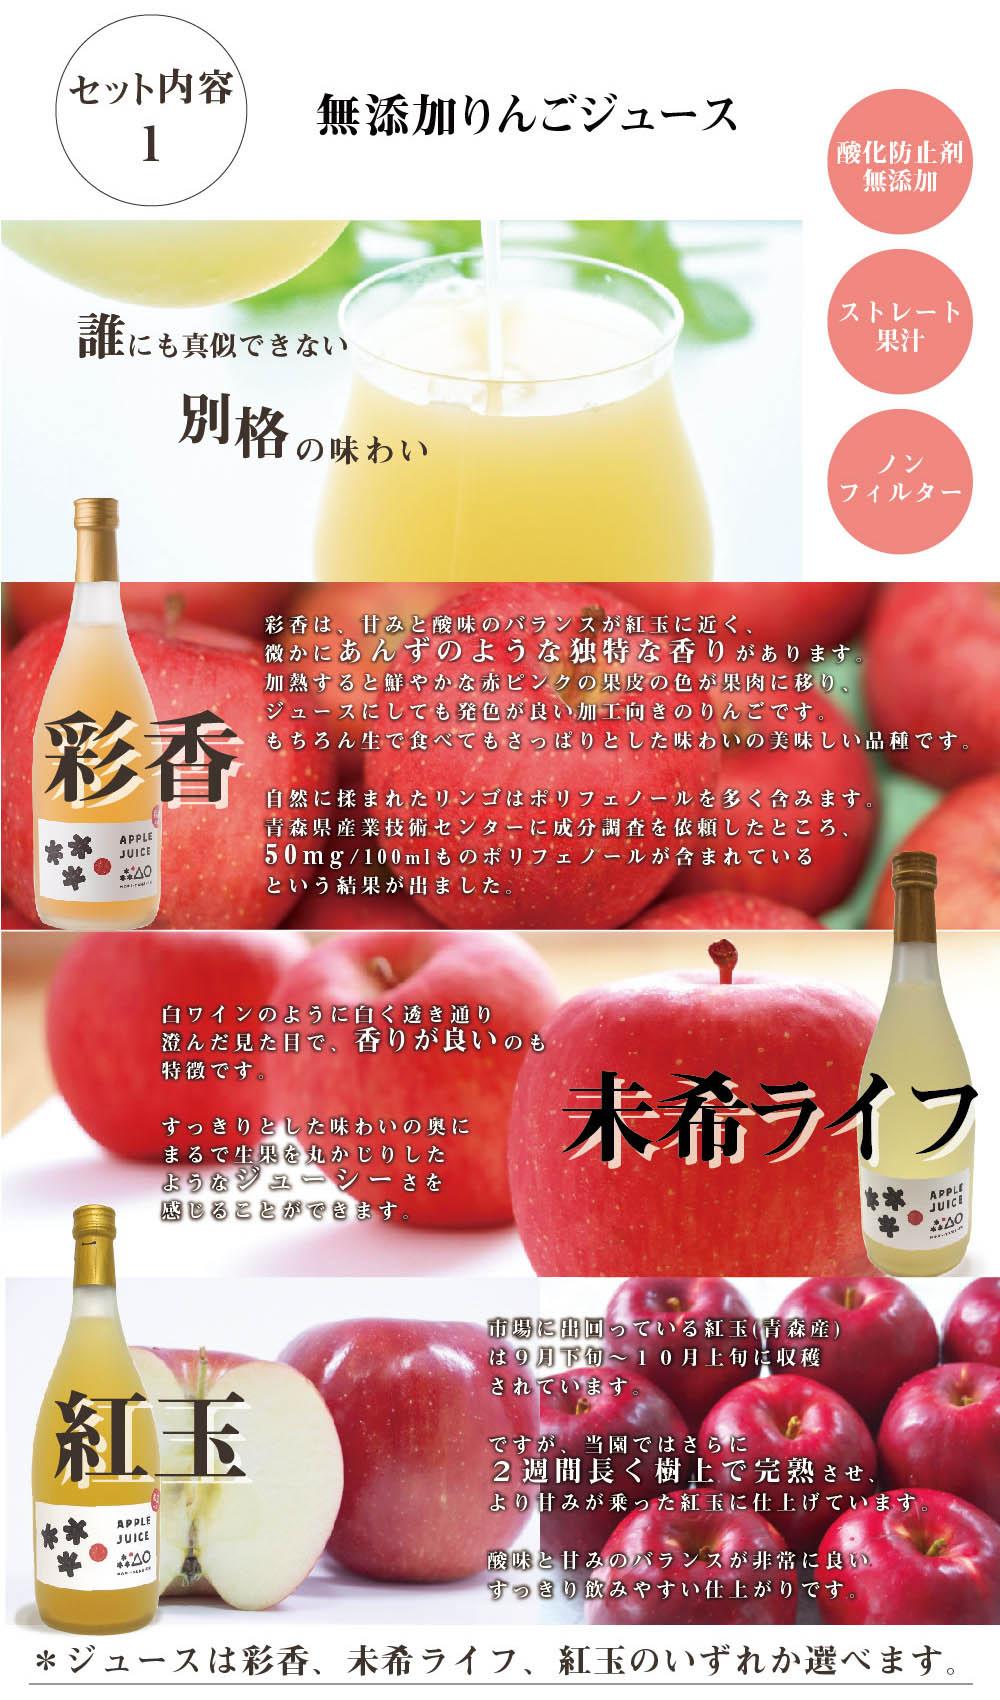 酸化防止剤無添加、ストレート果汁、ノンフィルターの無添加りんごジュース。種類は彩香、未希ライフ、紅玉の3種類からお選びいただけます。